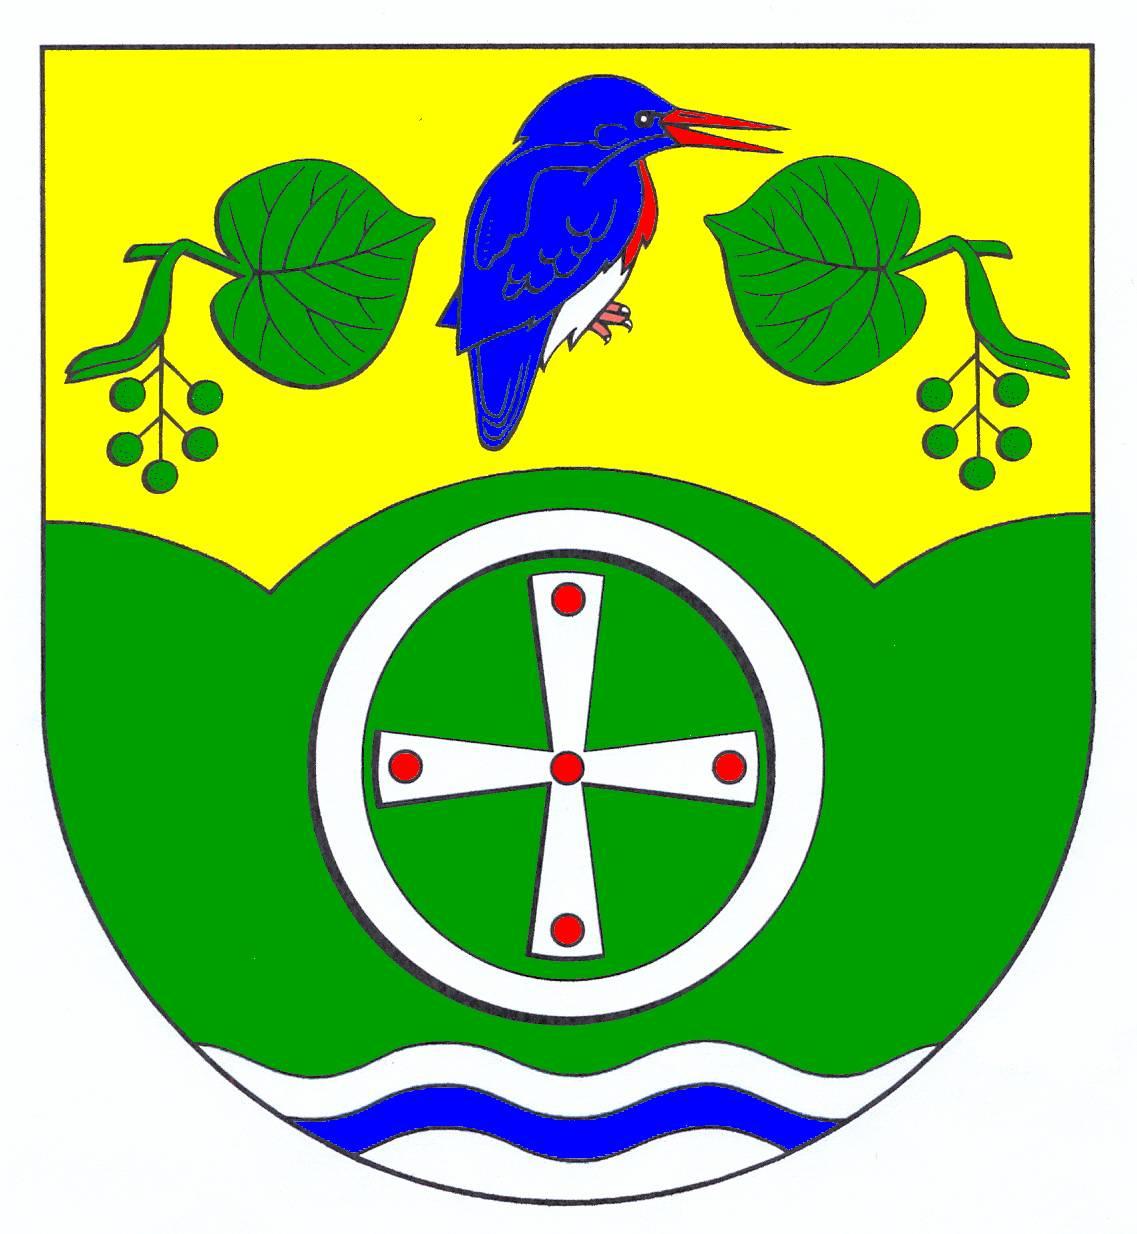 Wappen GemeindeBälau, Kreis Herzogtum Lauenburg